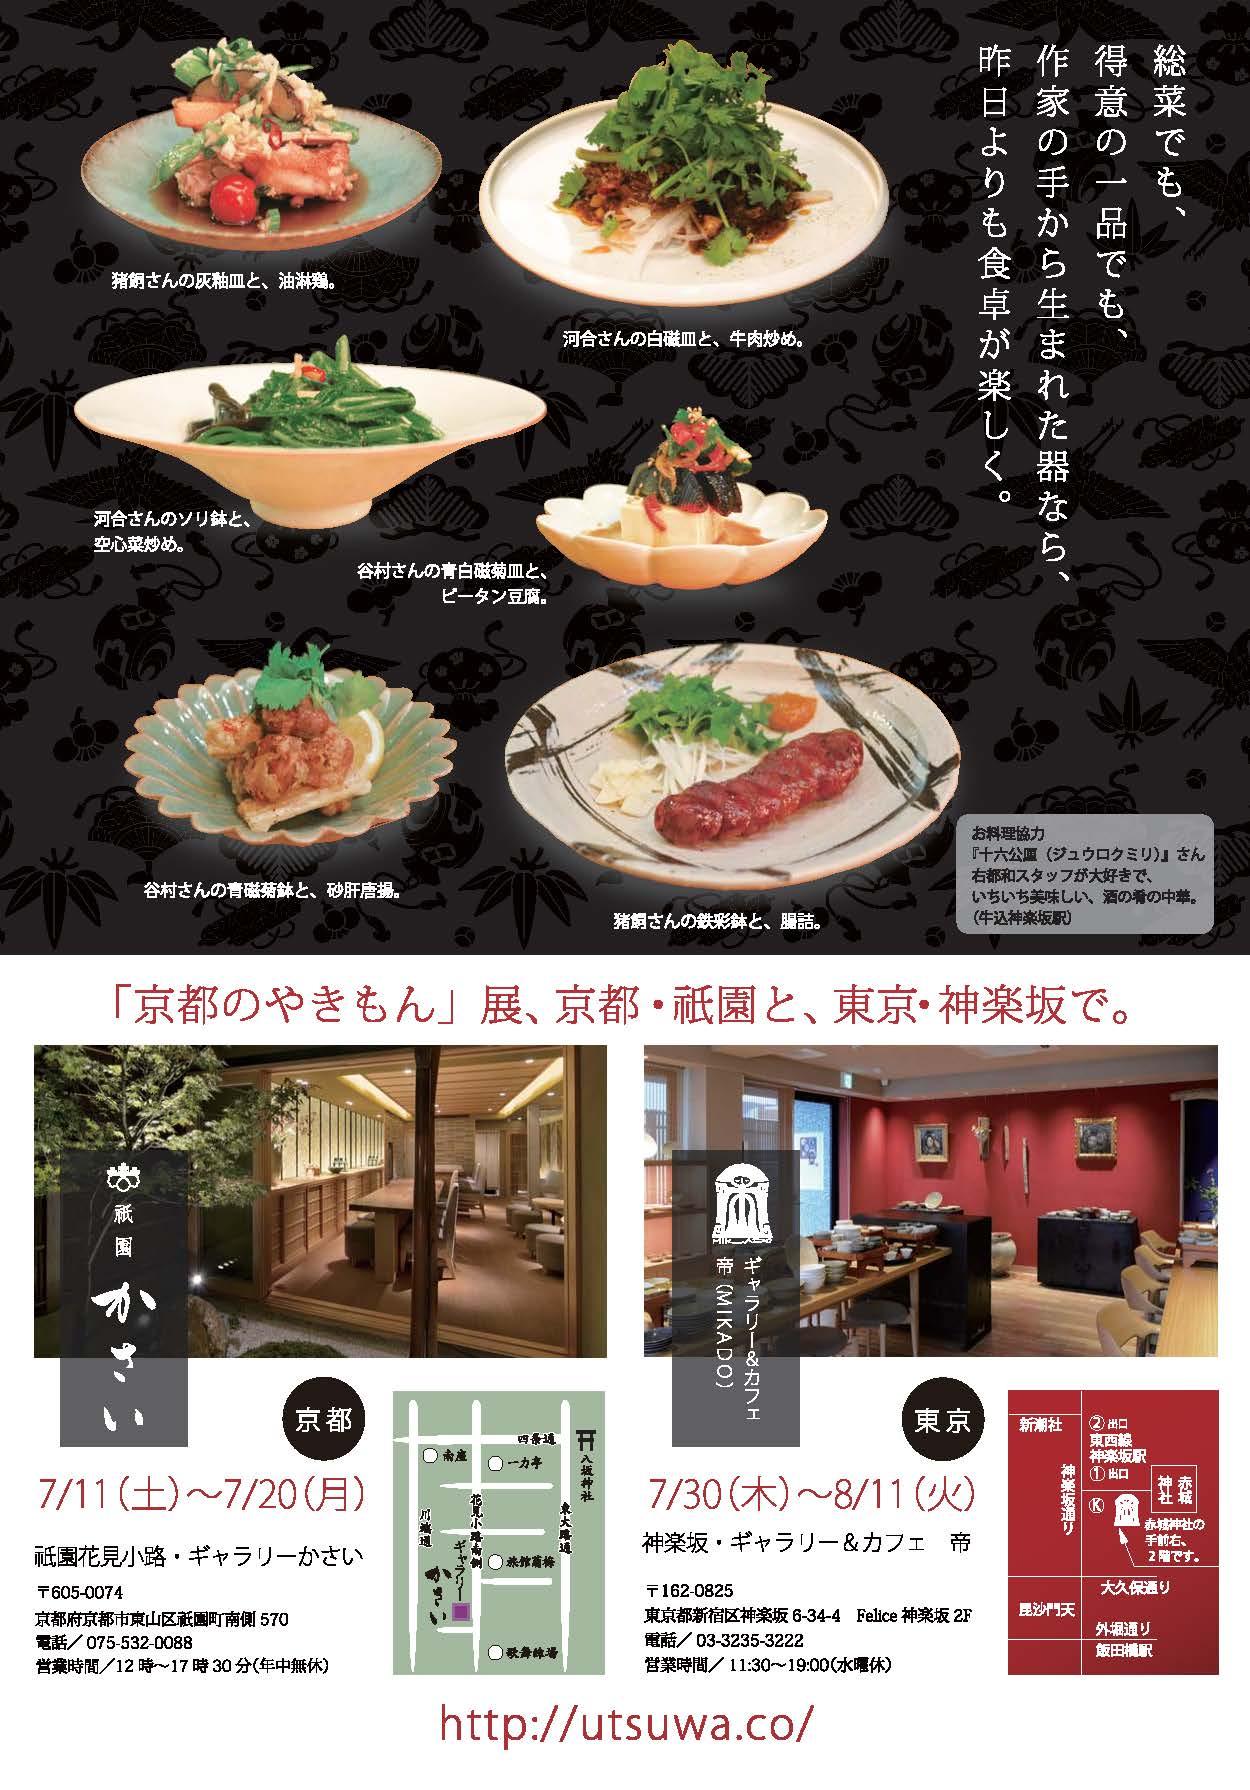 kyoto_utsuwa_2